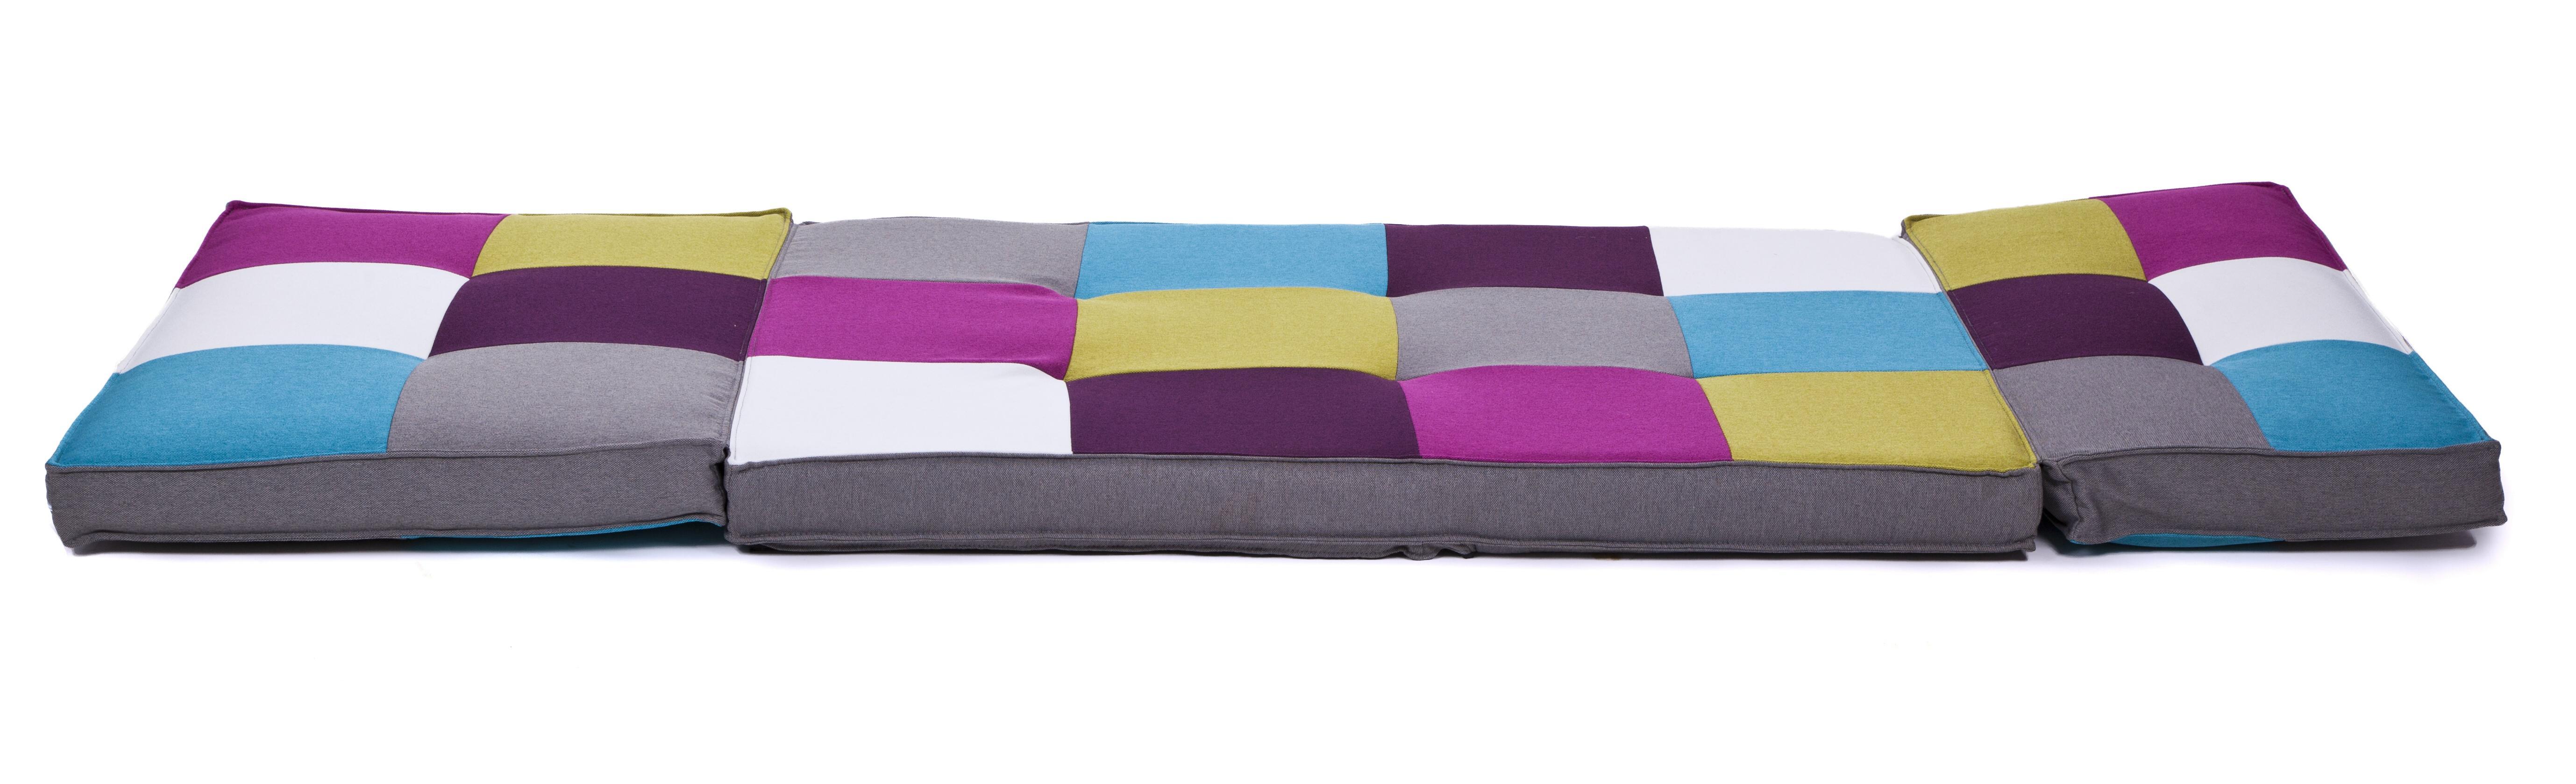 letto per gli ospiti poltrona materasso ripiegabile divano. Black Bedroom Furniture Sets. Home Design Ideas